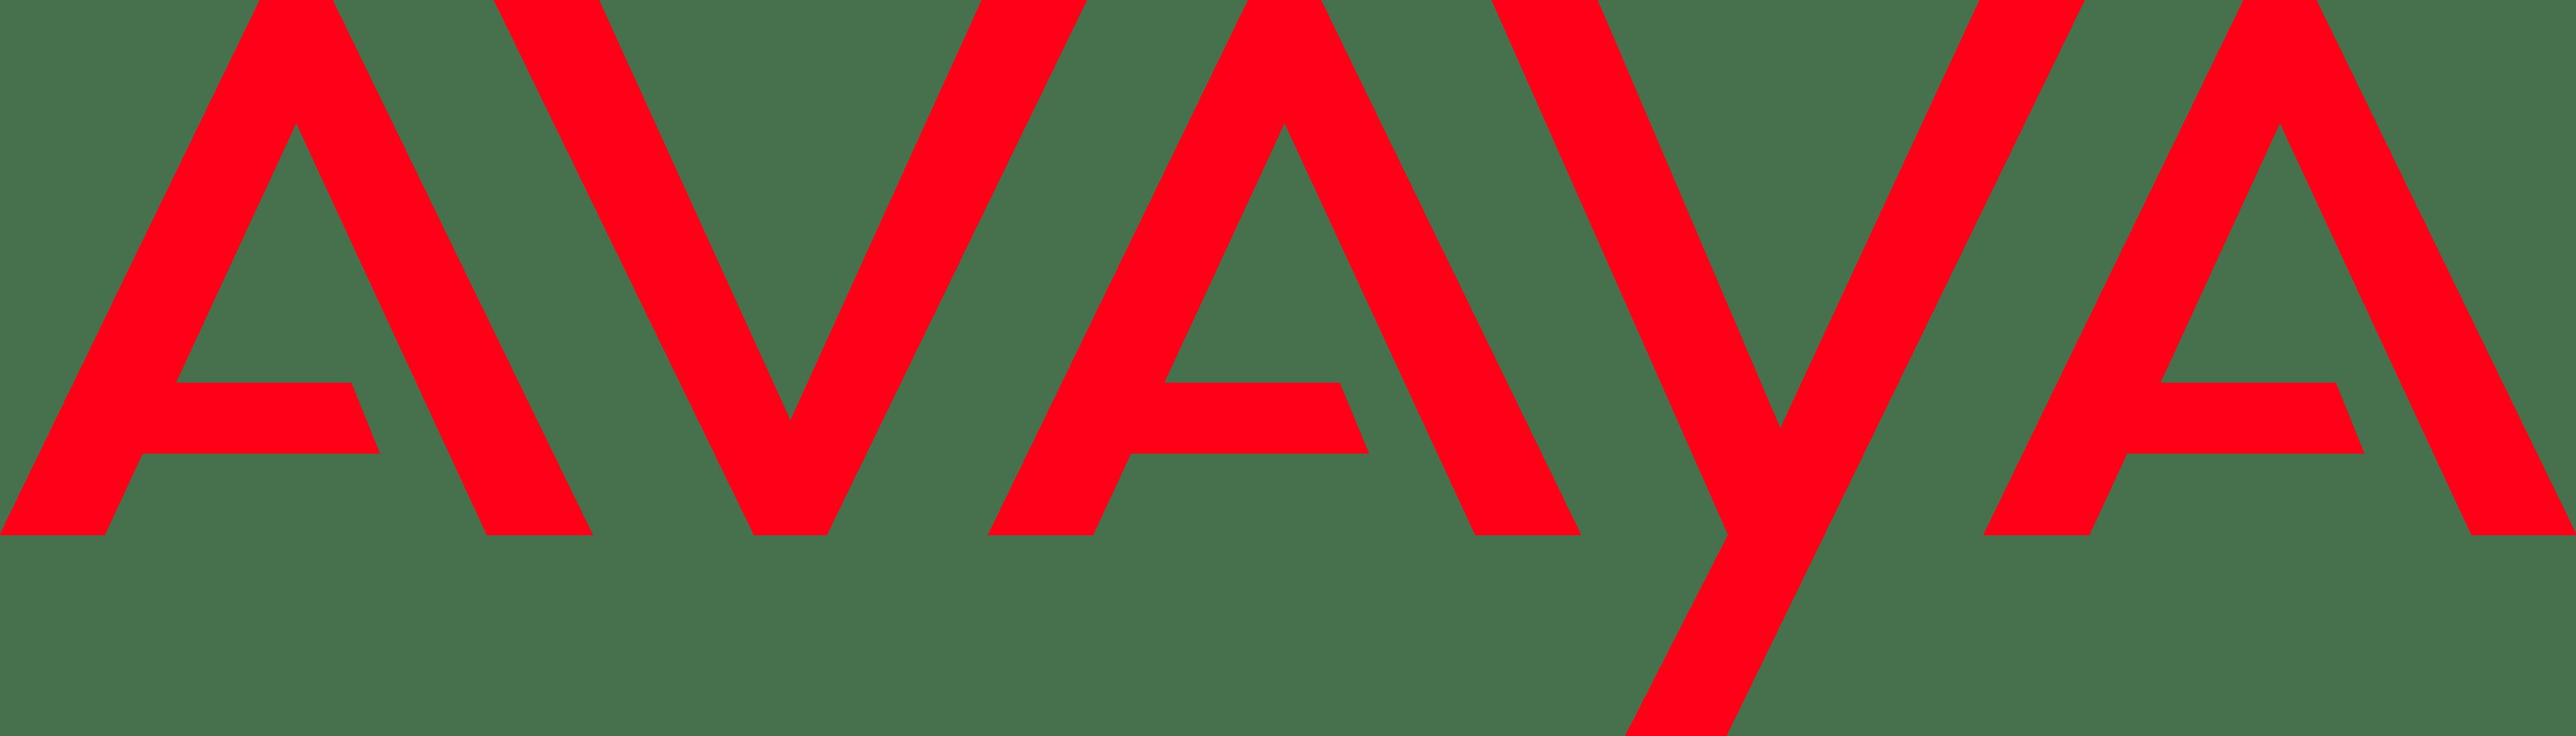 Avaya Logo png